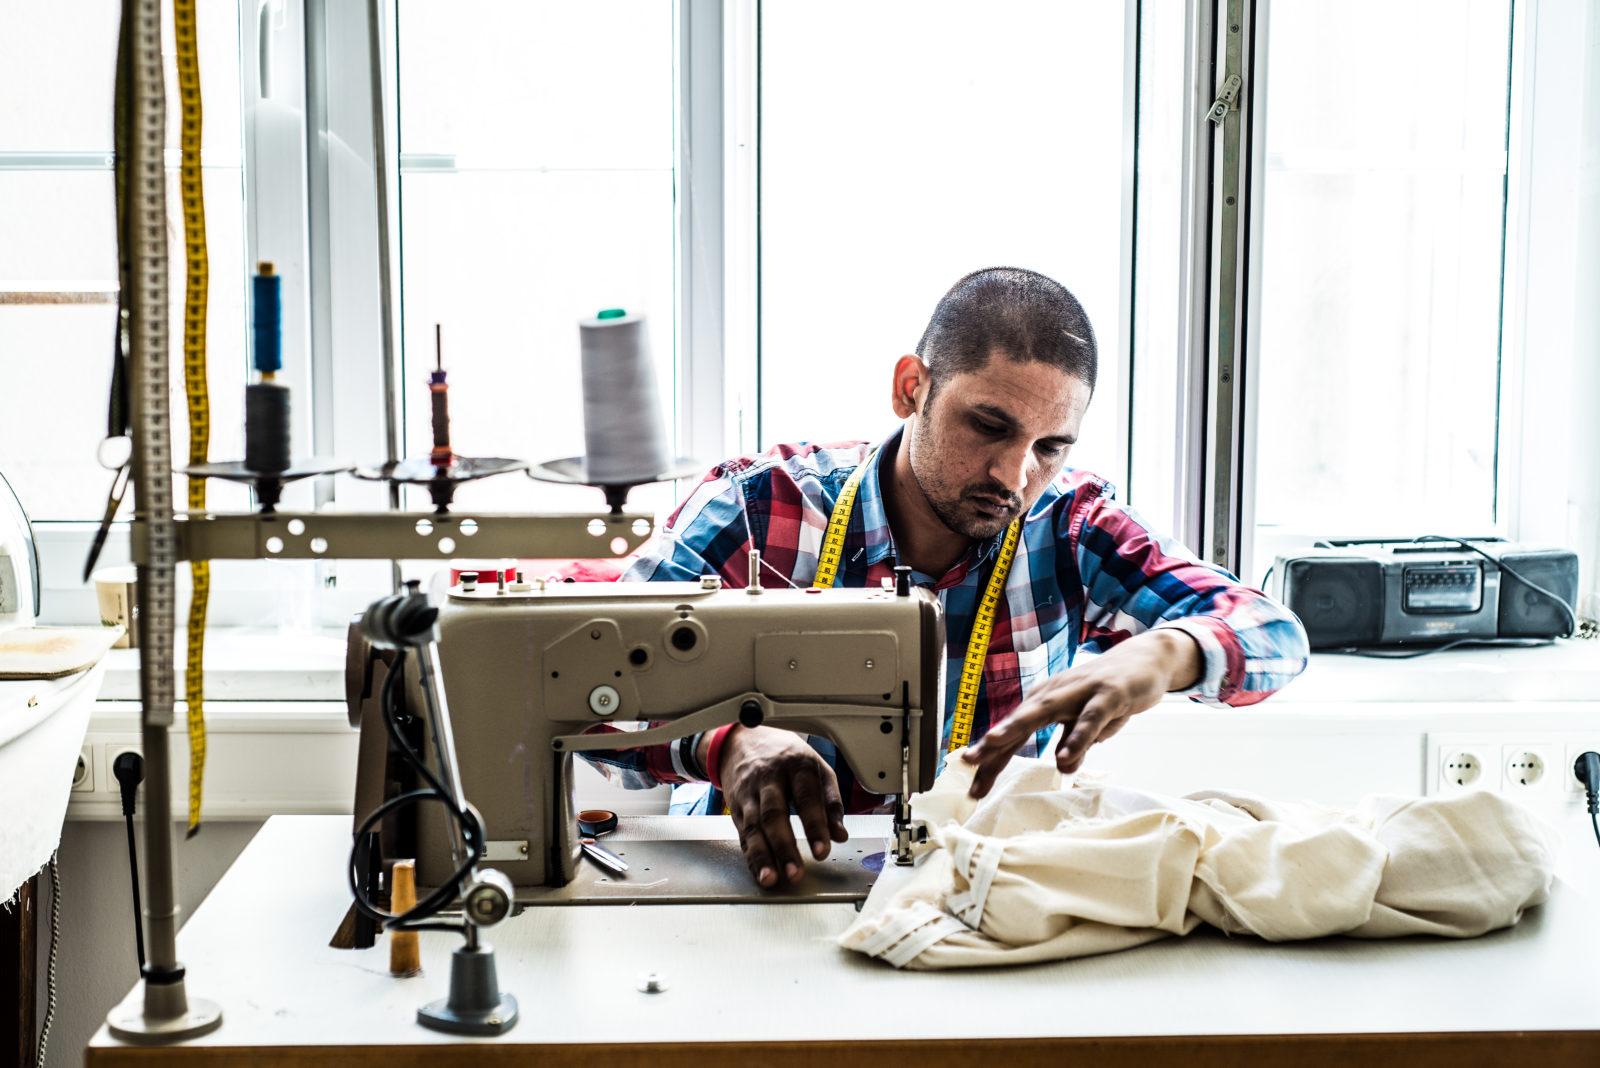 Das Team der Kattunfabrik | Selbsthilfeprojekt für Geflüchtete | Schneiderinnen und Schneider jeglicher Länder | St. Pölten | Foto: Kattunfabrik | GROSS∆RTIG